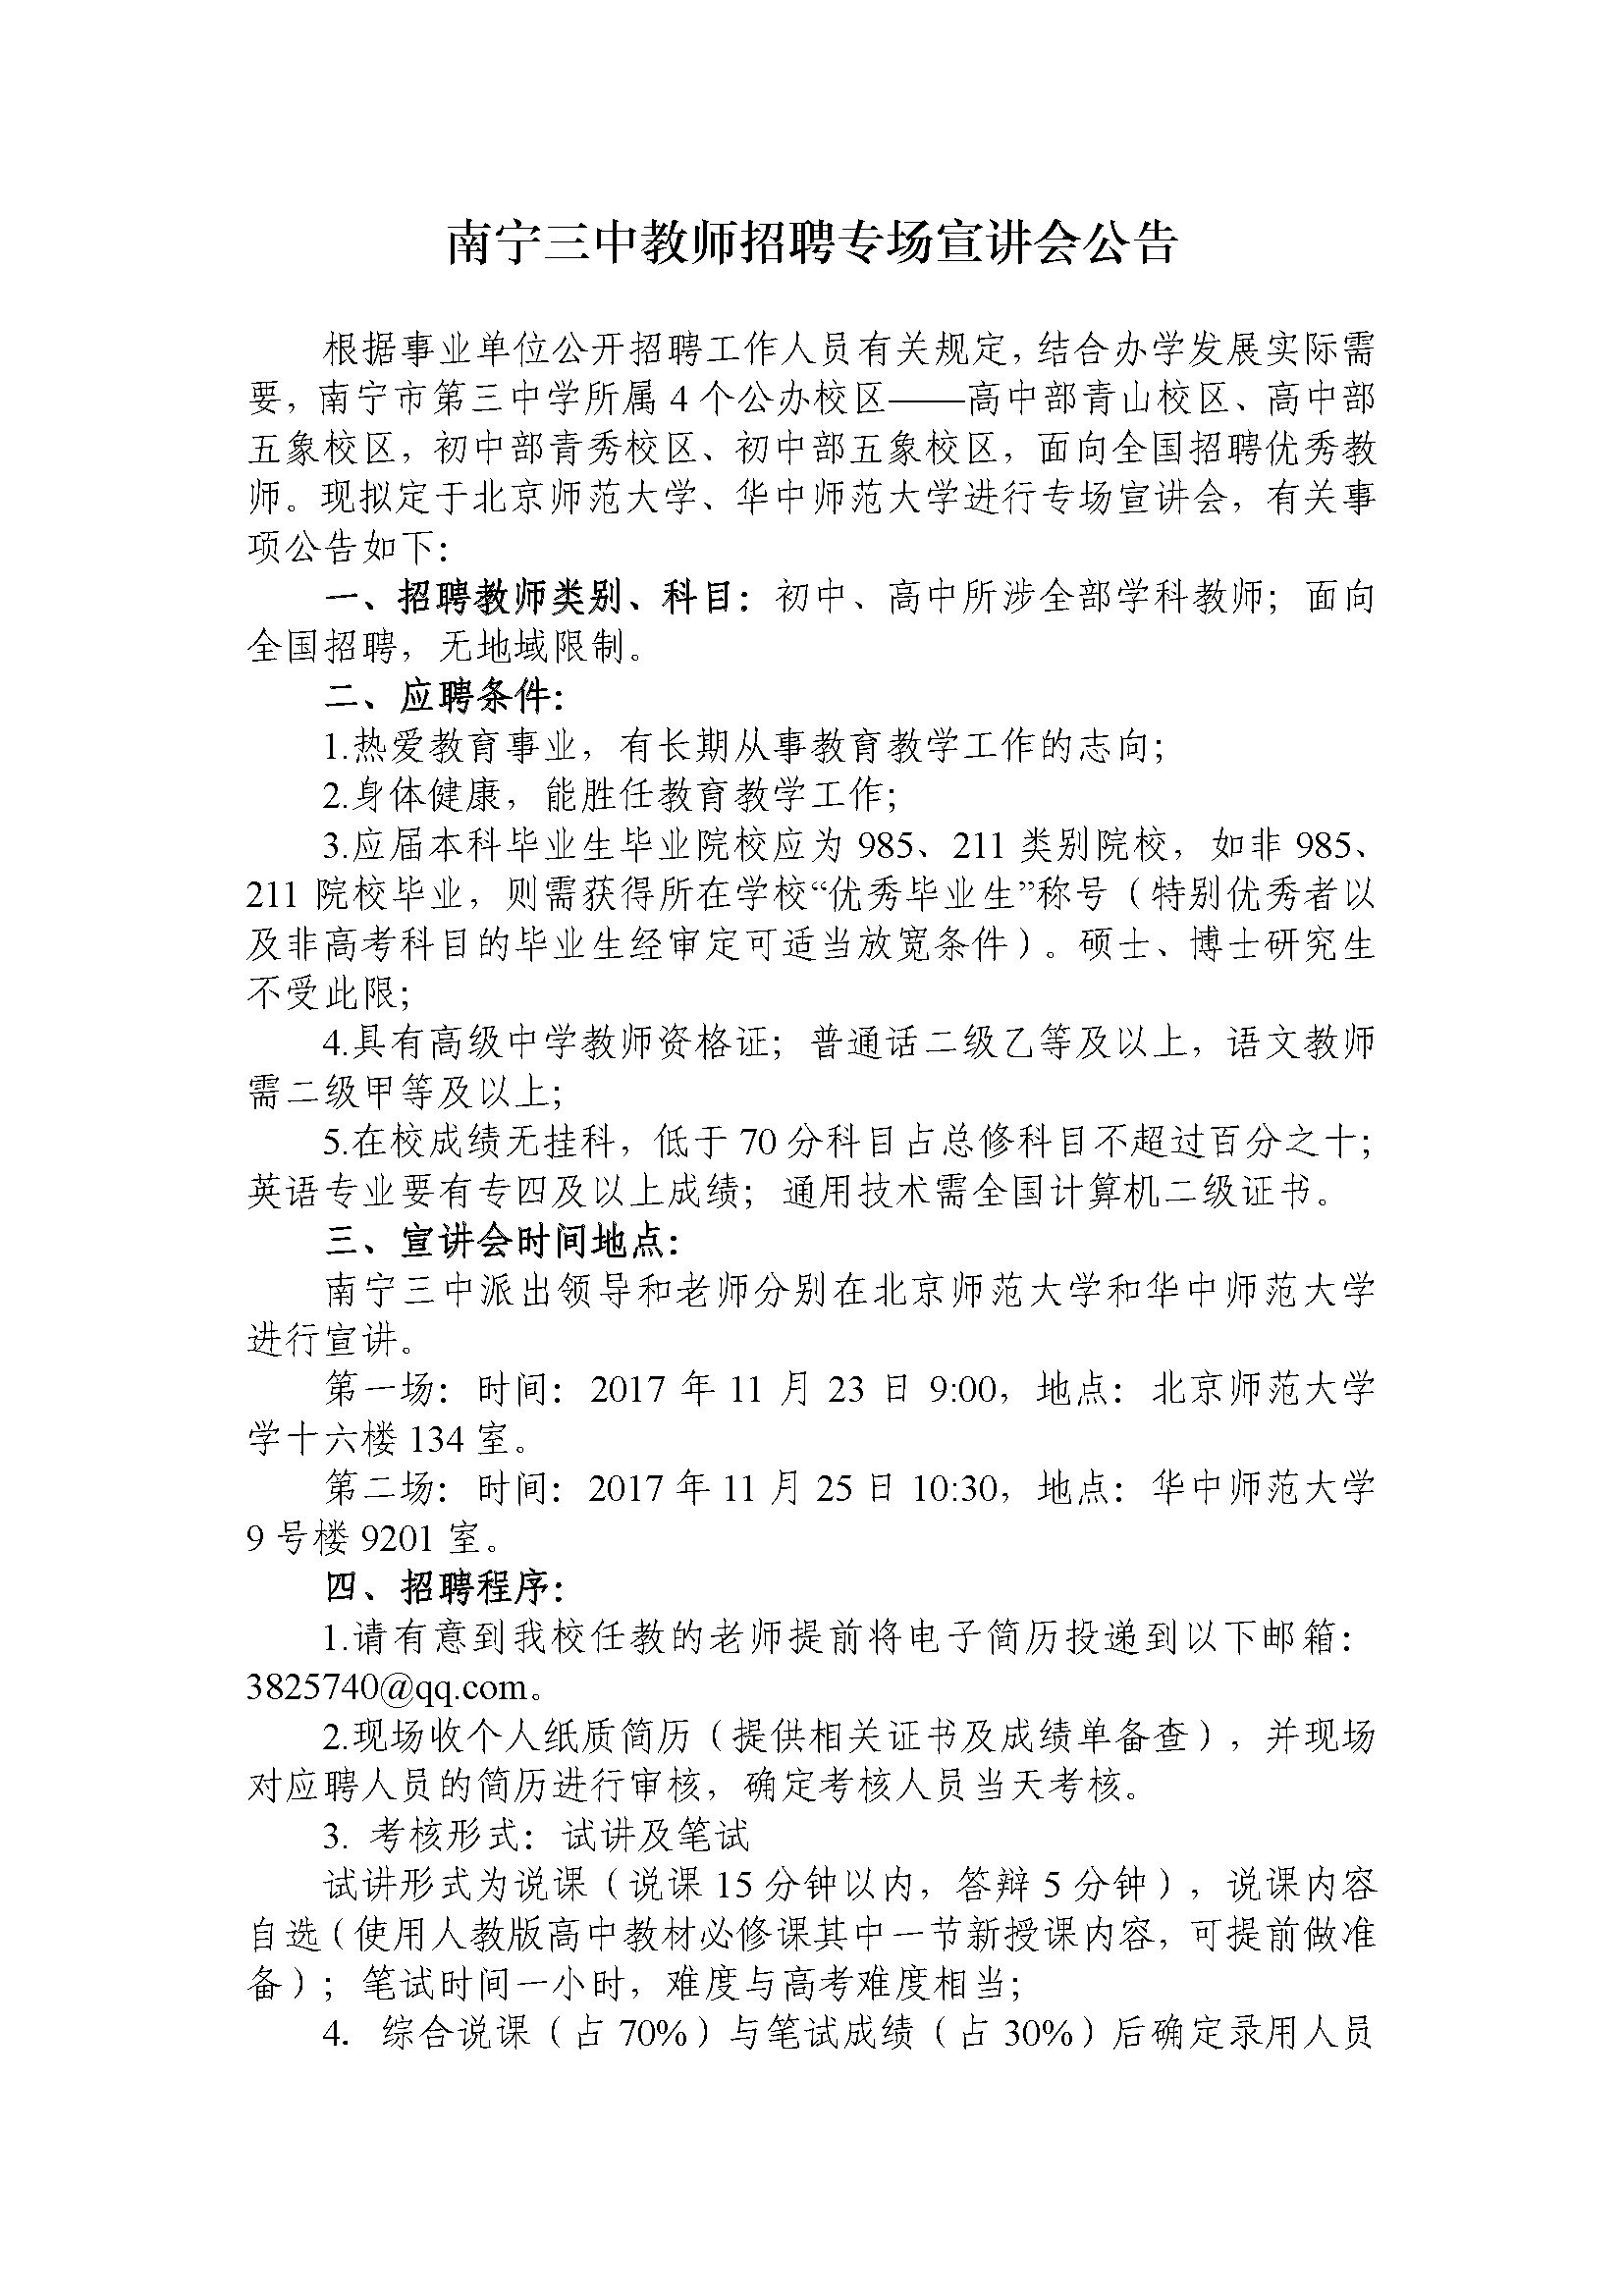 C:\Users\Administrator\Desktop\南宁三中教师招聘专场宣讲会公告_页面_1.jpg